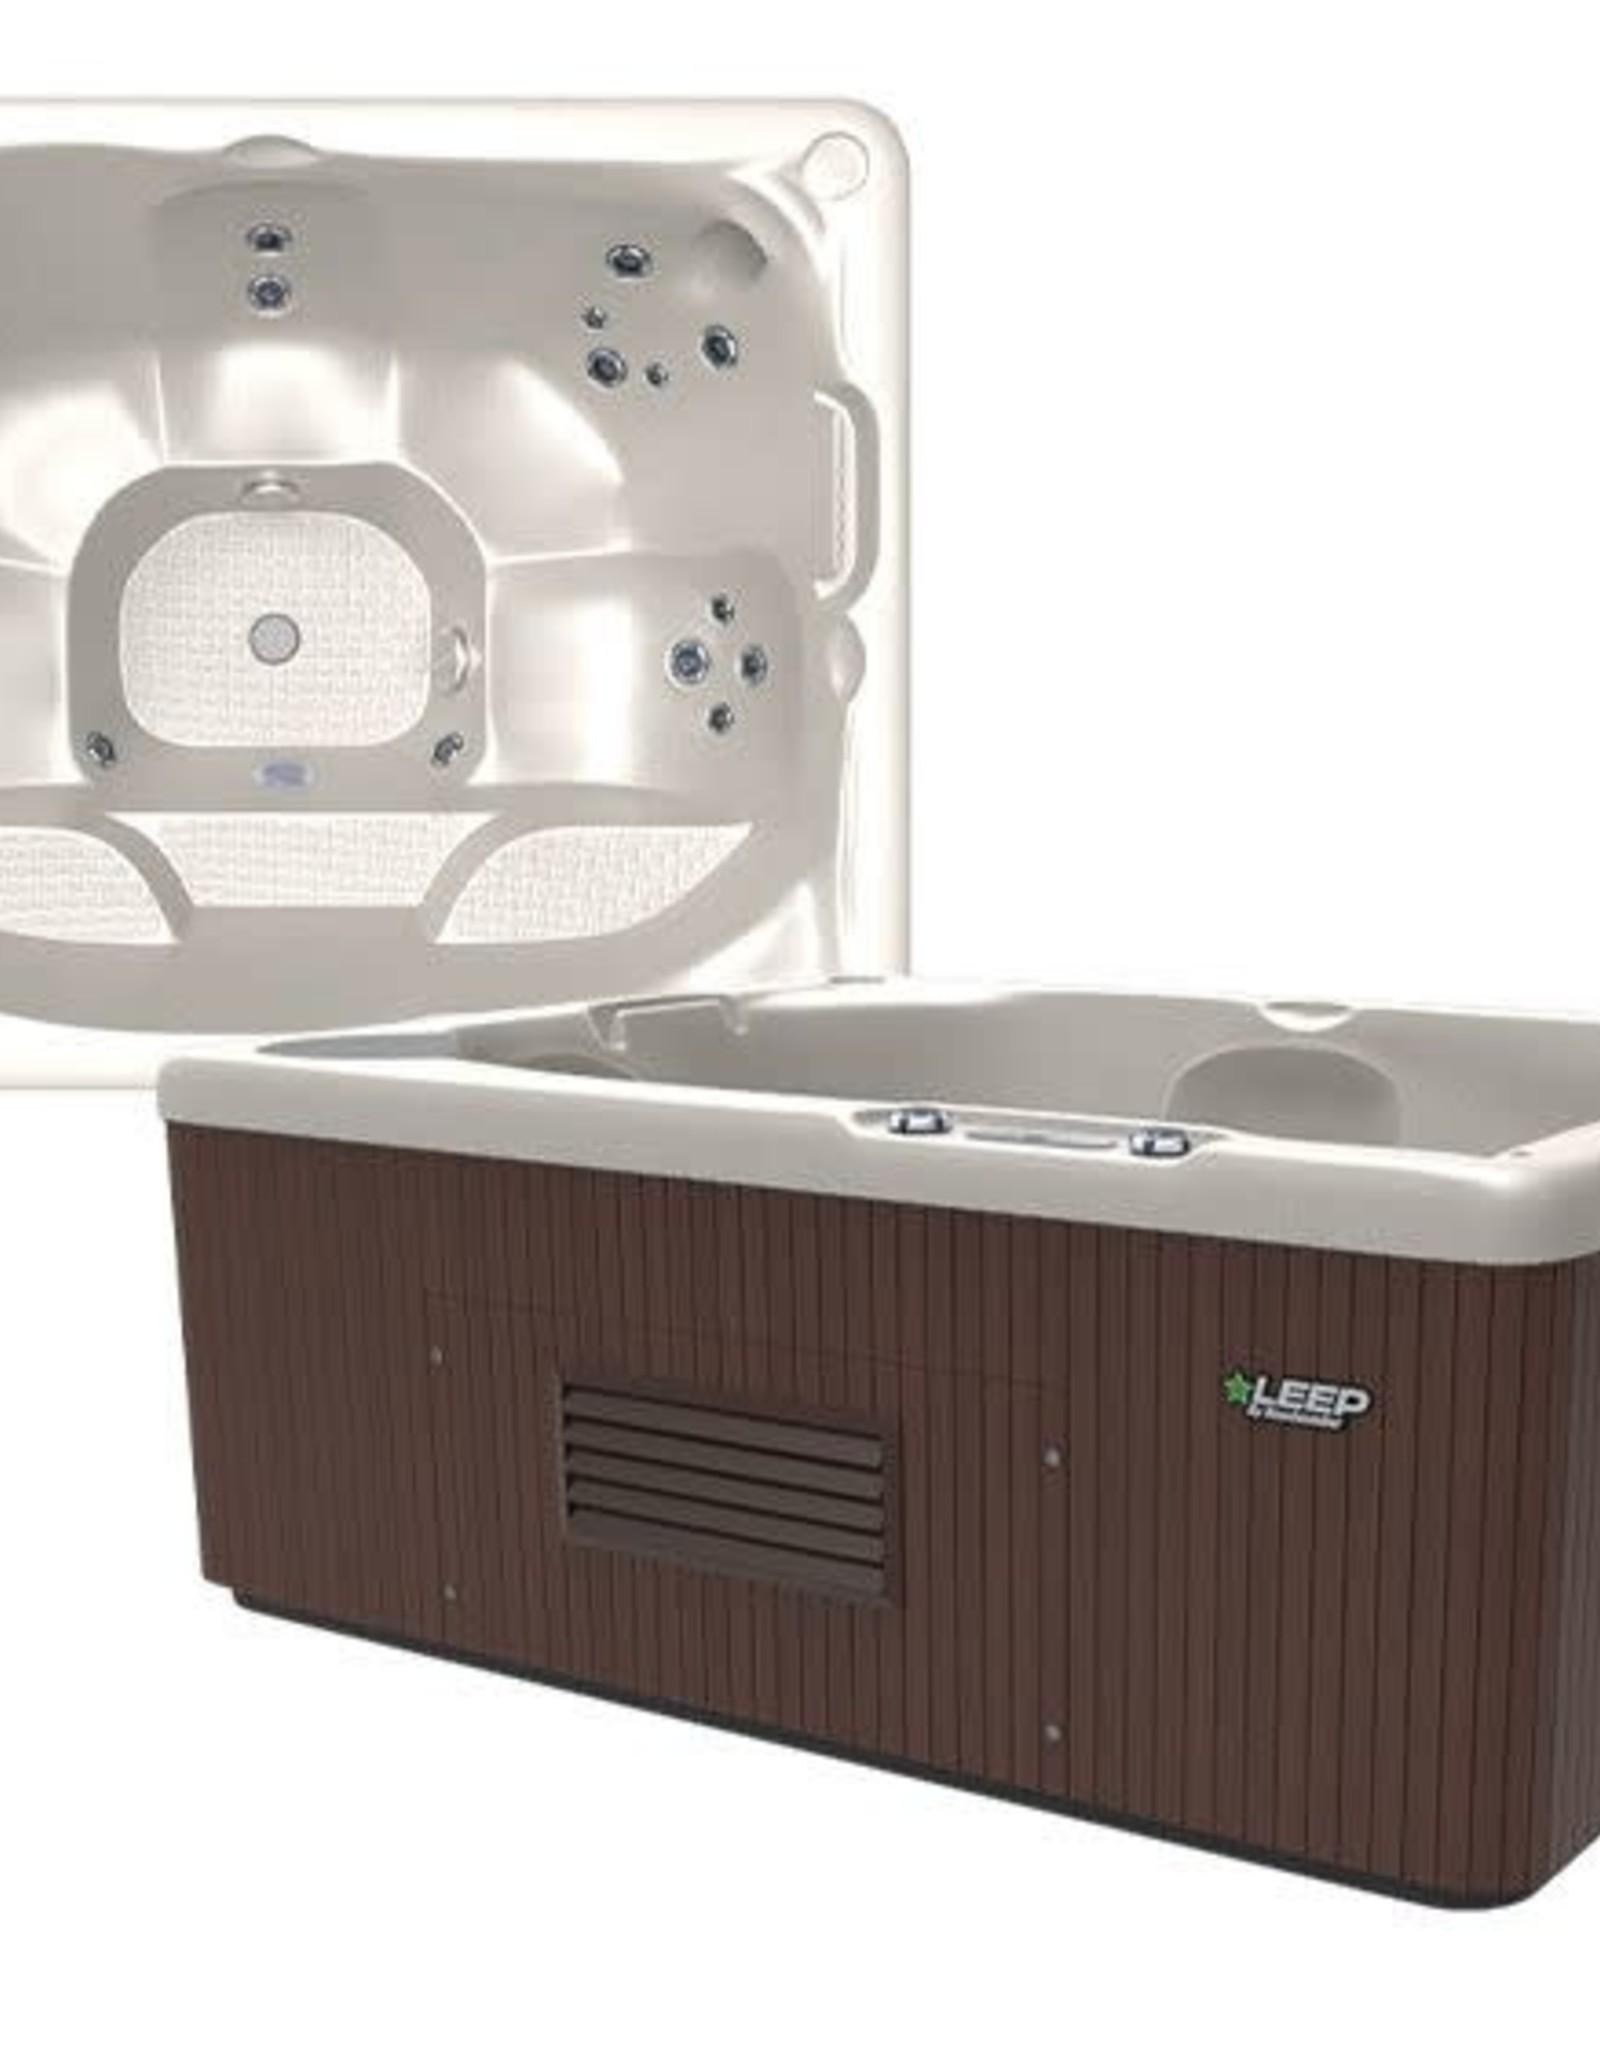 BEACHCOMBER BEACHCOMBER -MODEL 340 LEEP™QS